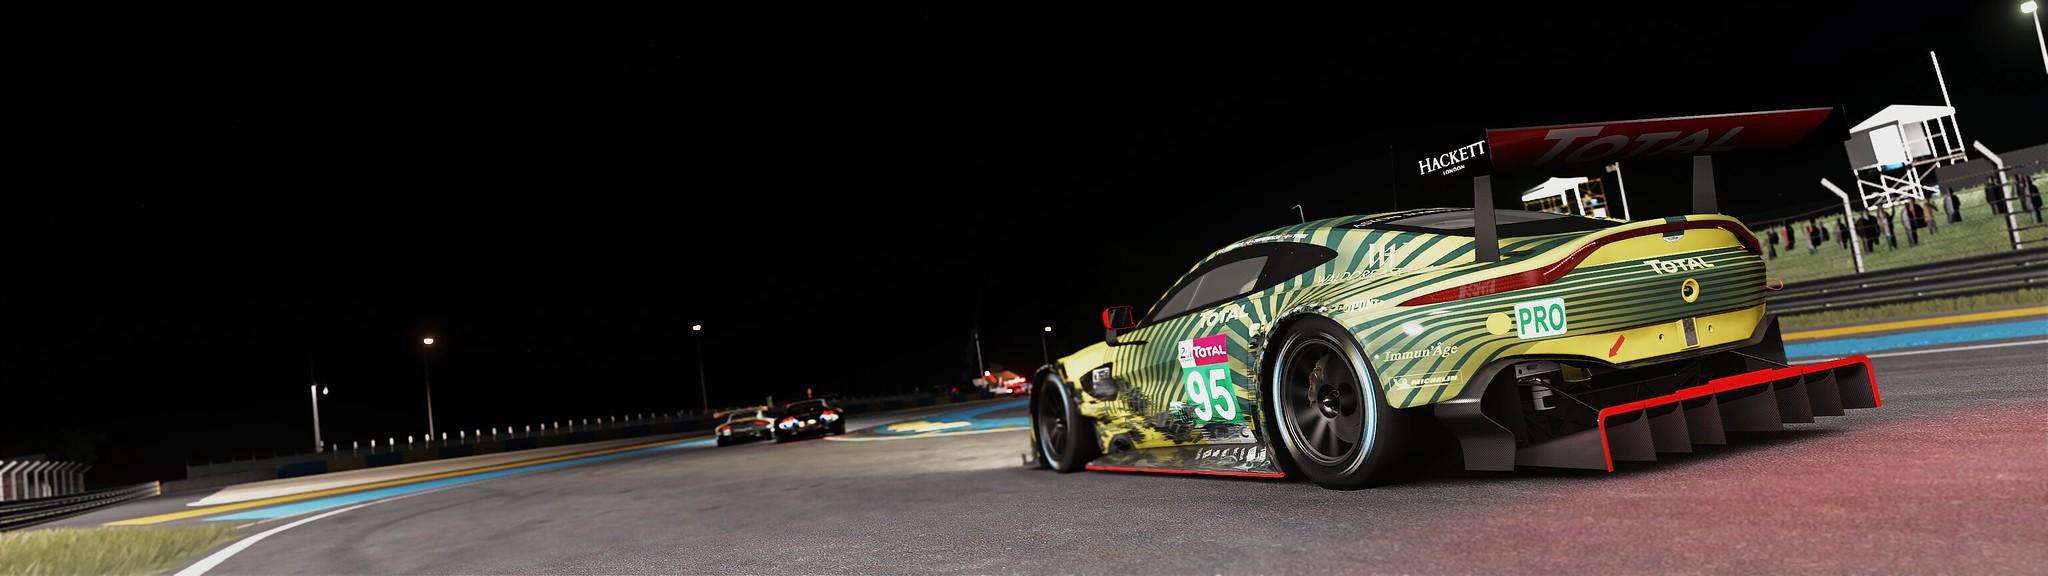 Assetto Corsa - Test Setup Mod Graphic Fx & Sound (Circuit 24 Le Mans) 49416410607_81da5ea614_k